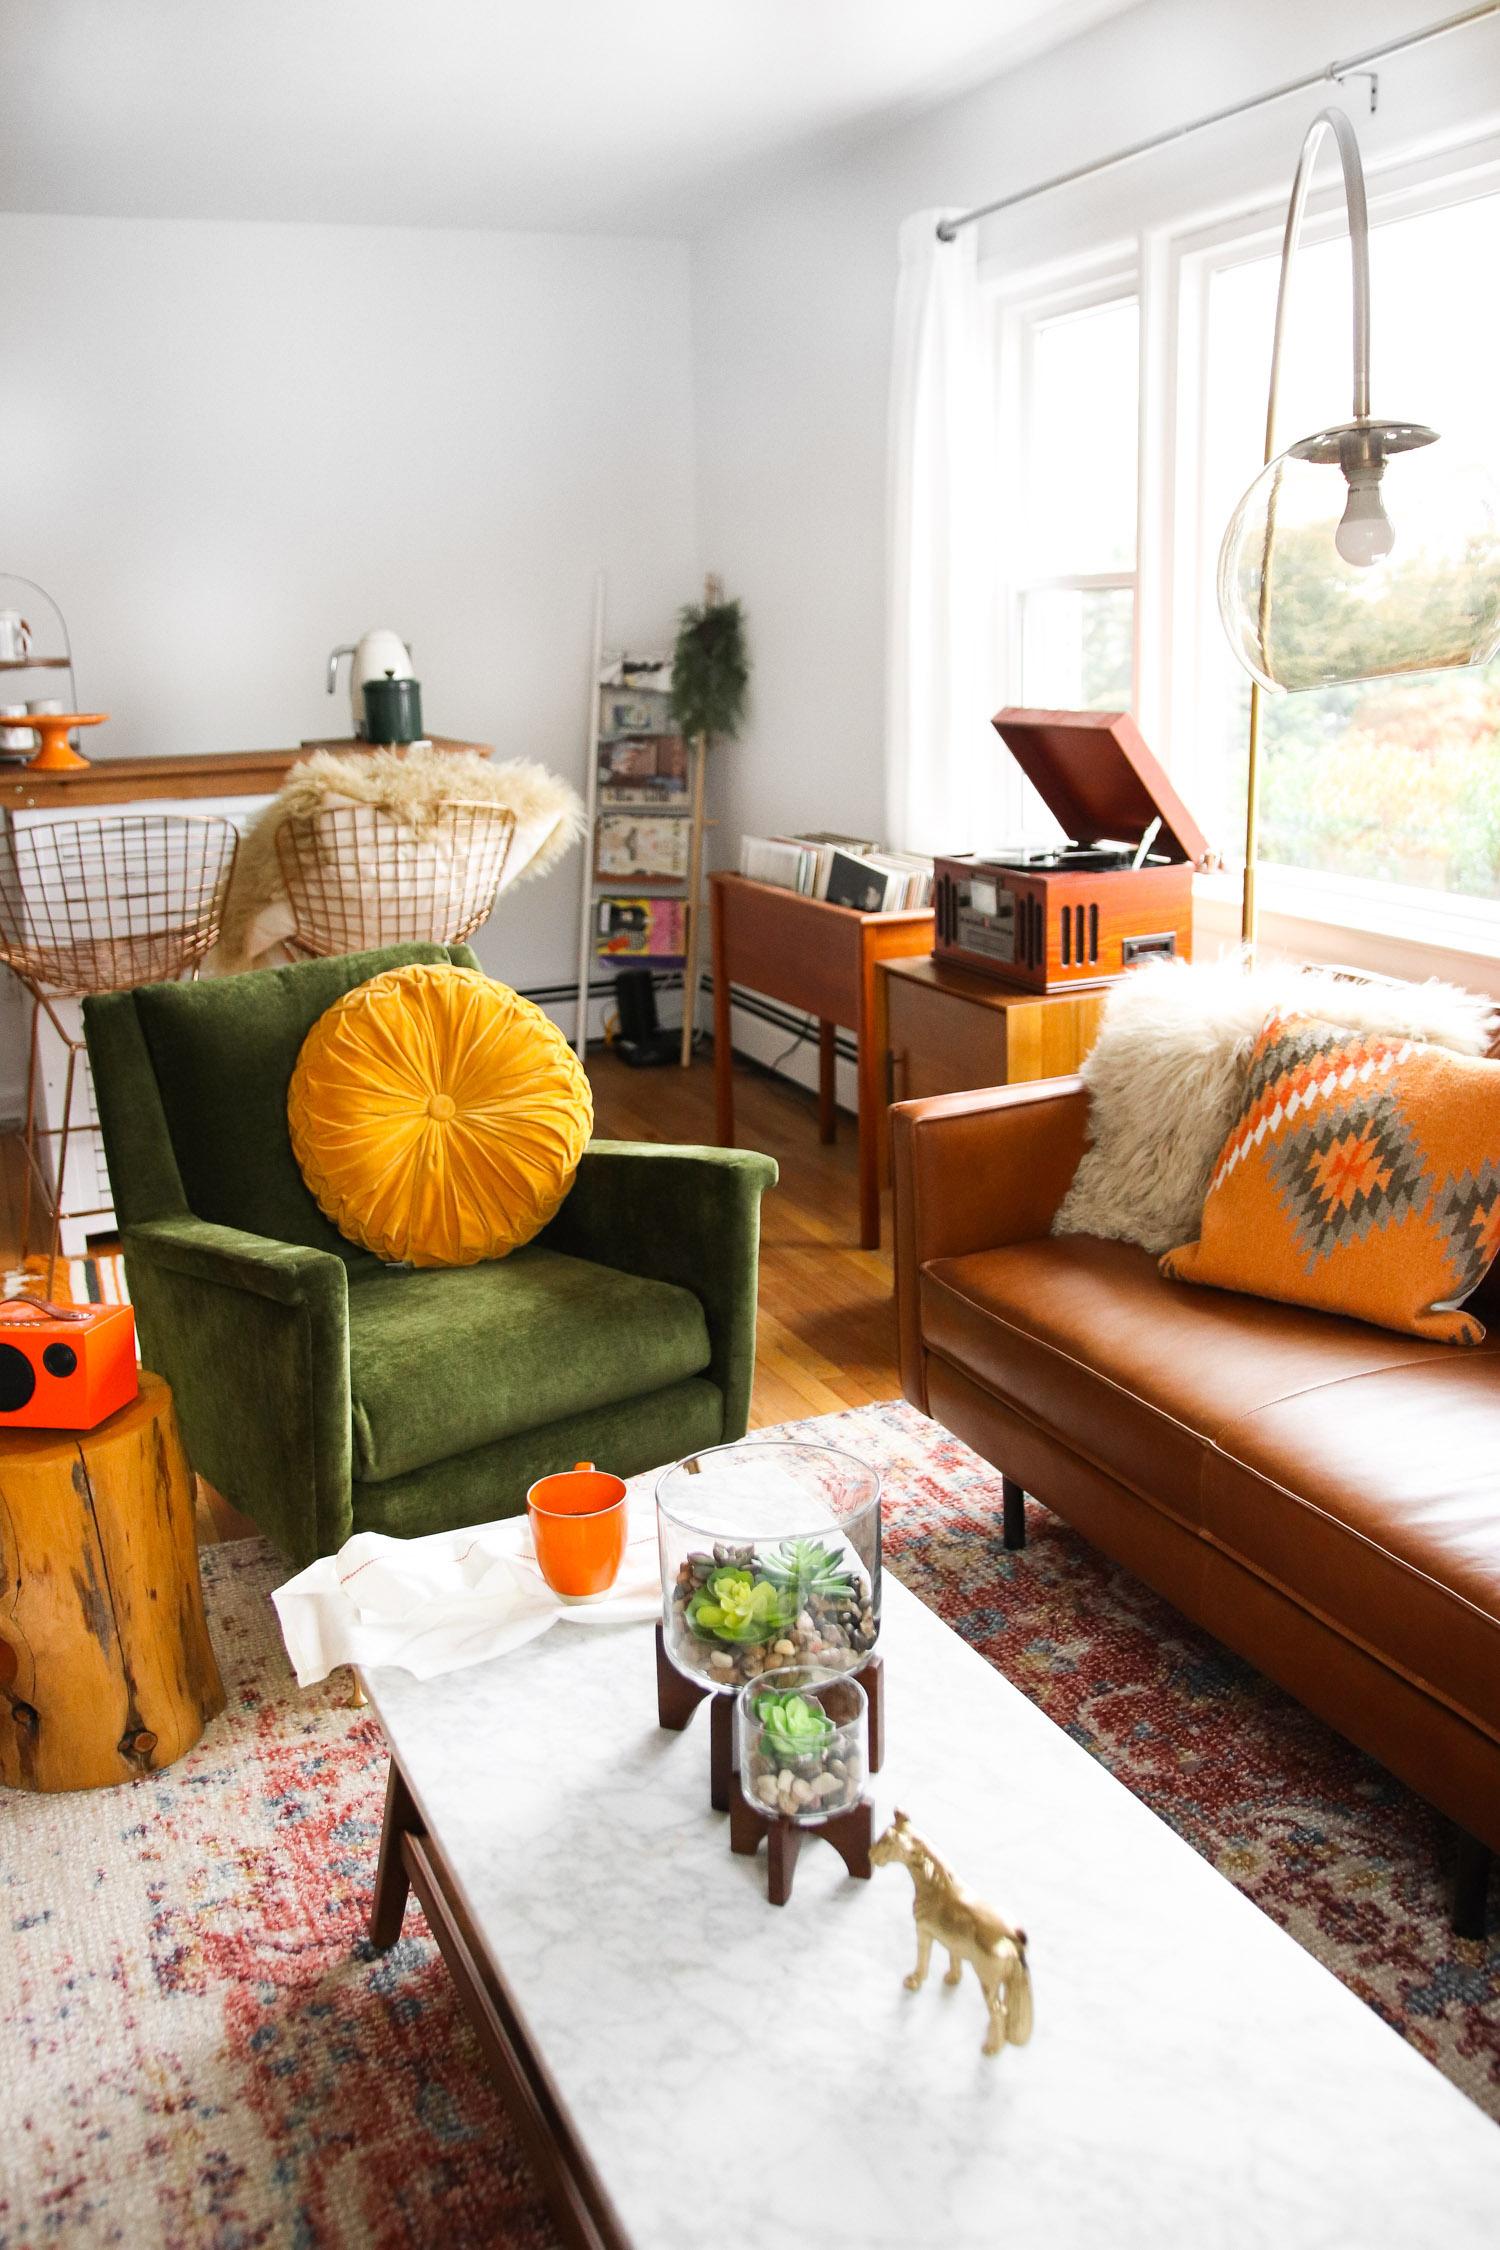 Vẻ đẹp ấm áp, hiện đại cho phòng khách